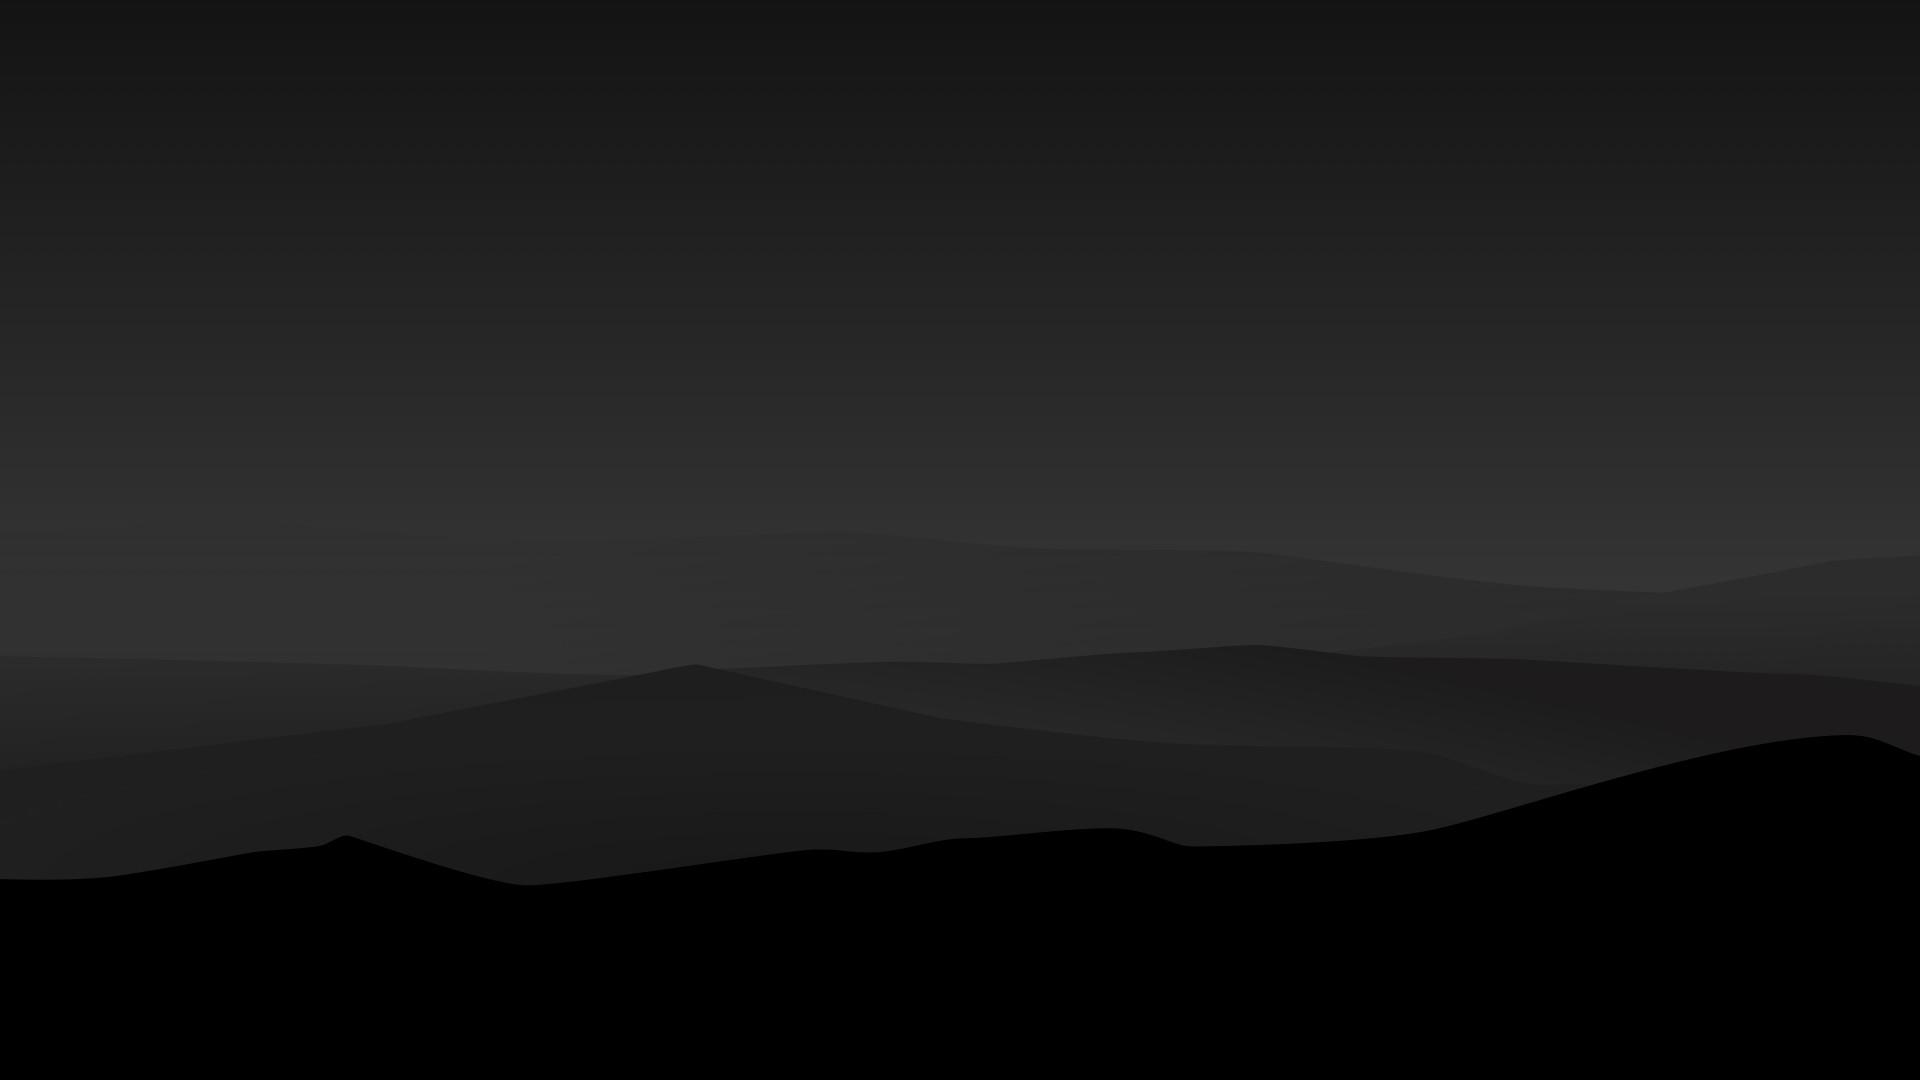 Dark Minimalist HD wallpaper